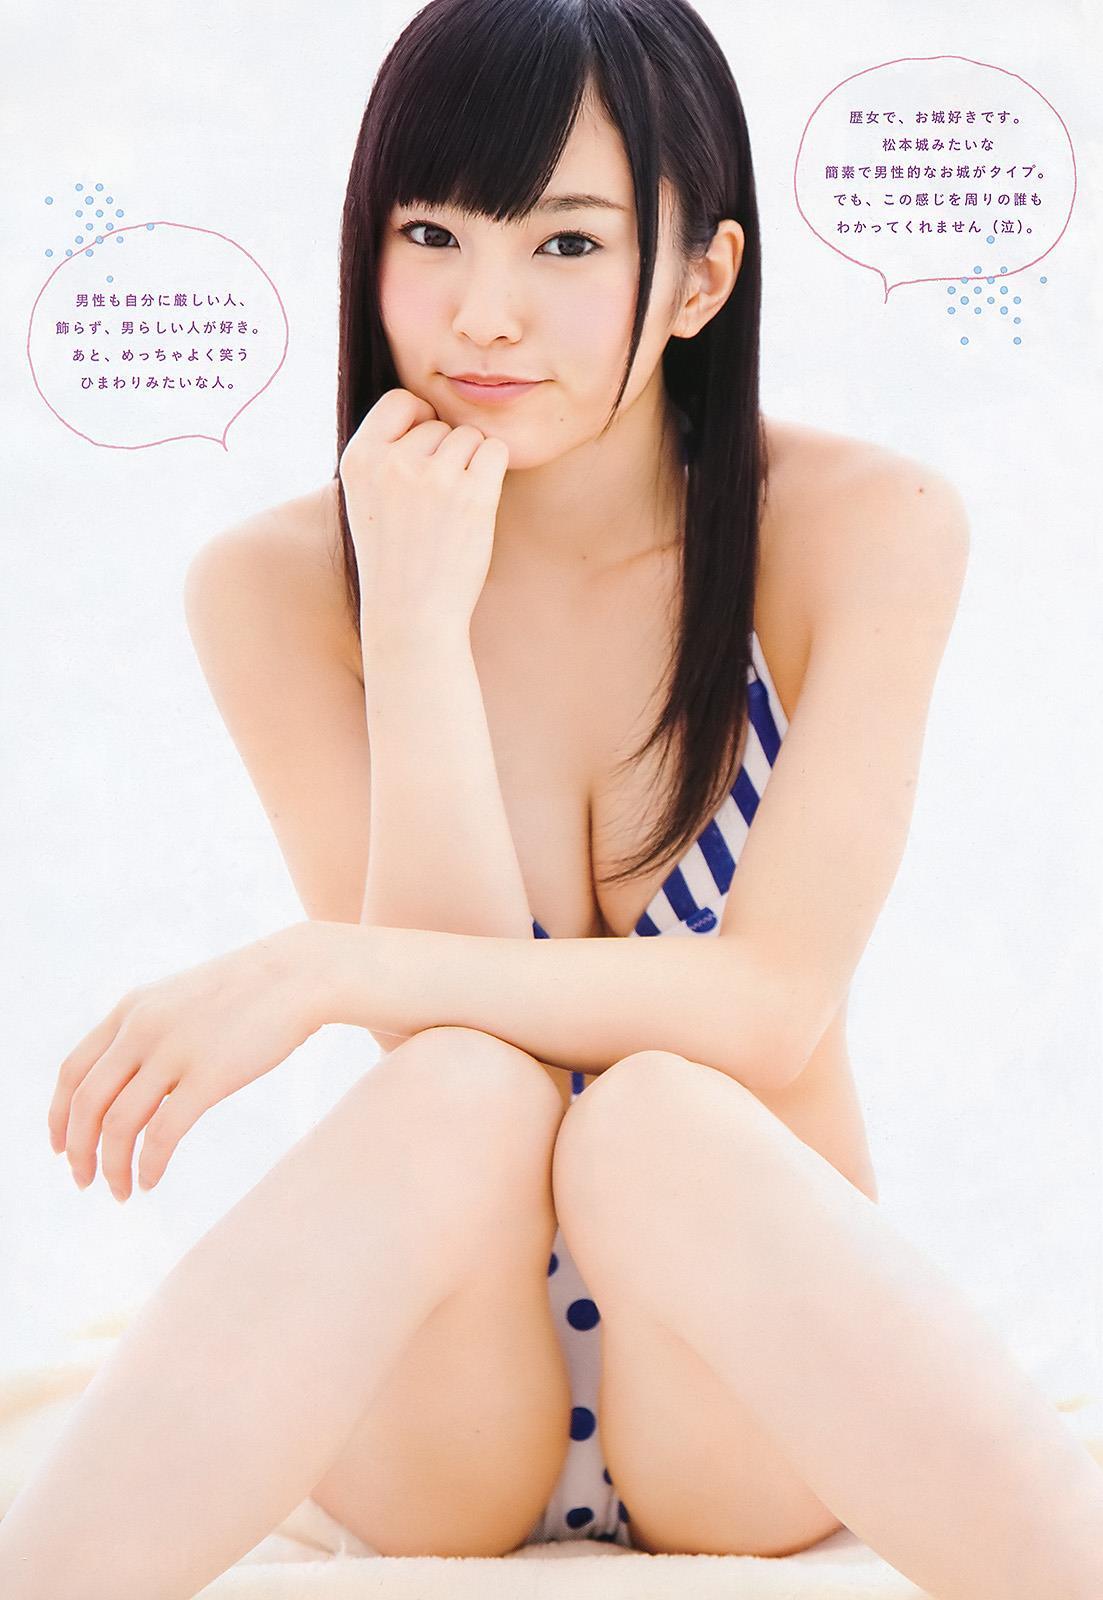 yamamoto_sayaka072.jpg